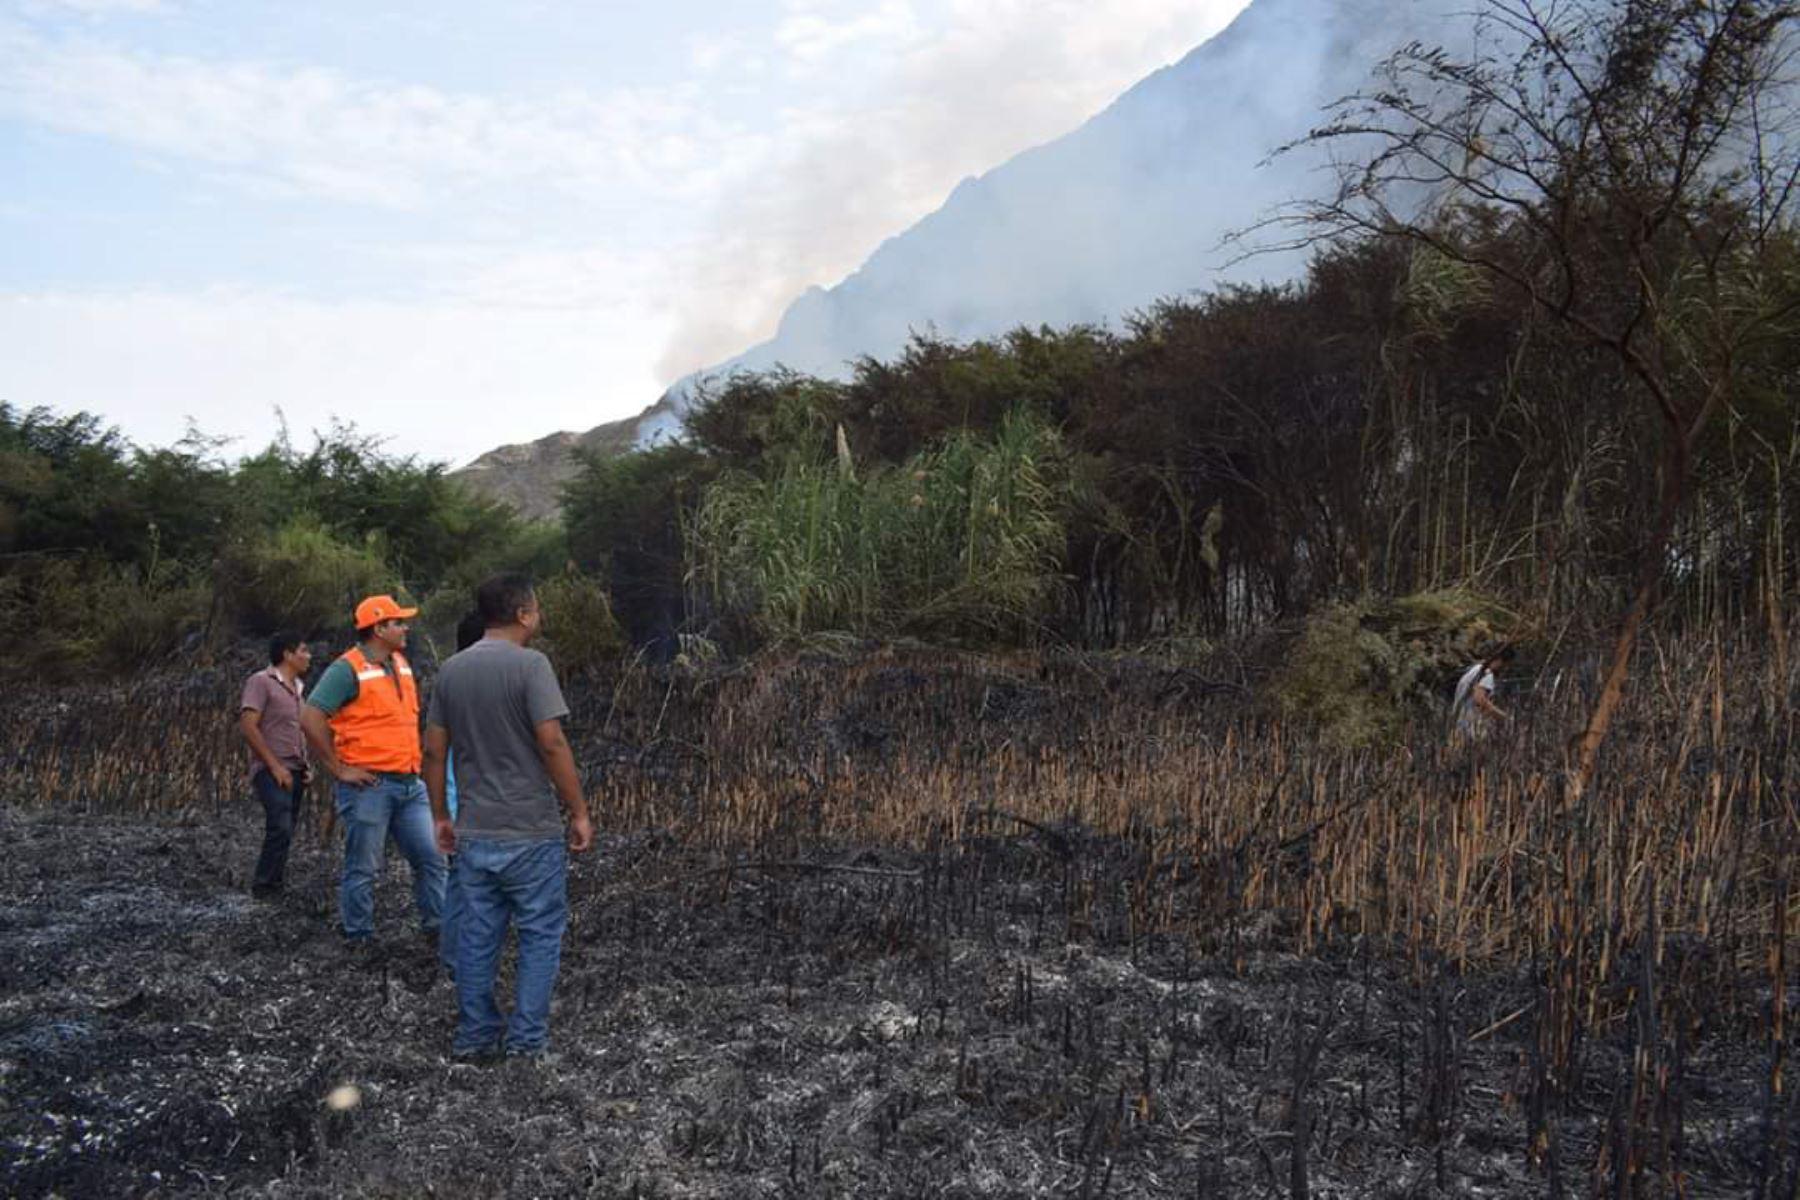 Un incendio forestal de regular magnitud arrasó 10 hectáreas de carrizales y hierbas en el sector de Tucushuanca,en la provincia ancashina de Casma.